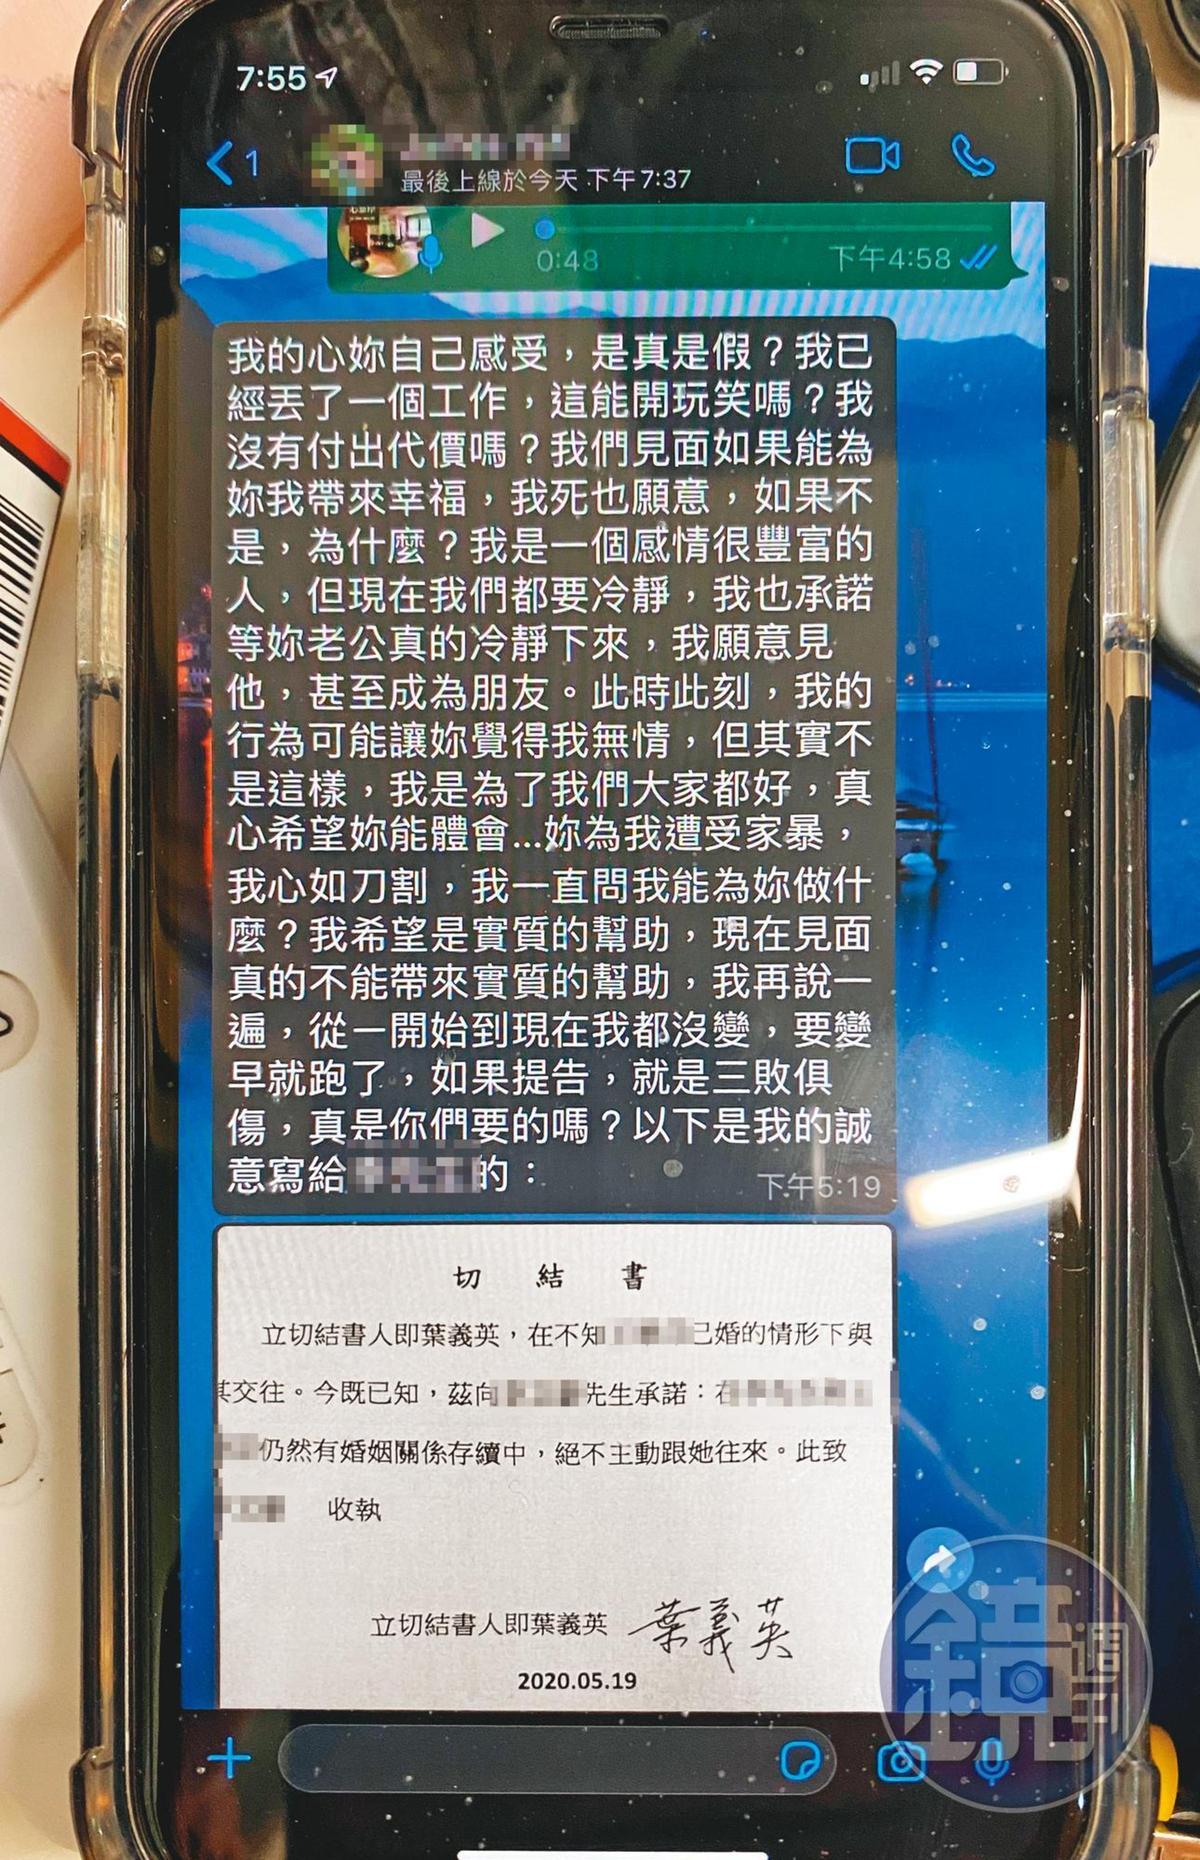 葉義英傳了一張切結書給A女的老公,企圖推卸法律責任。(讀者提供)